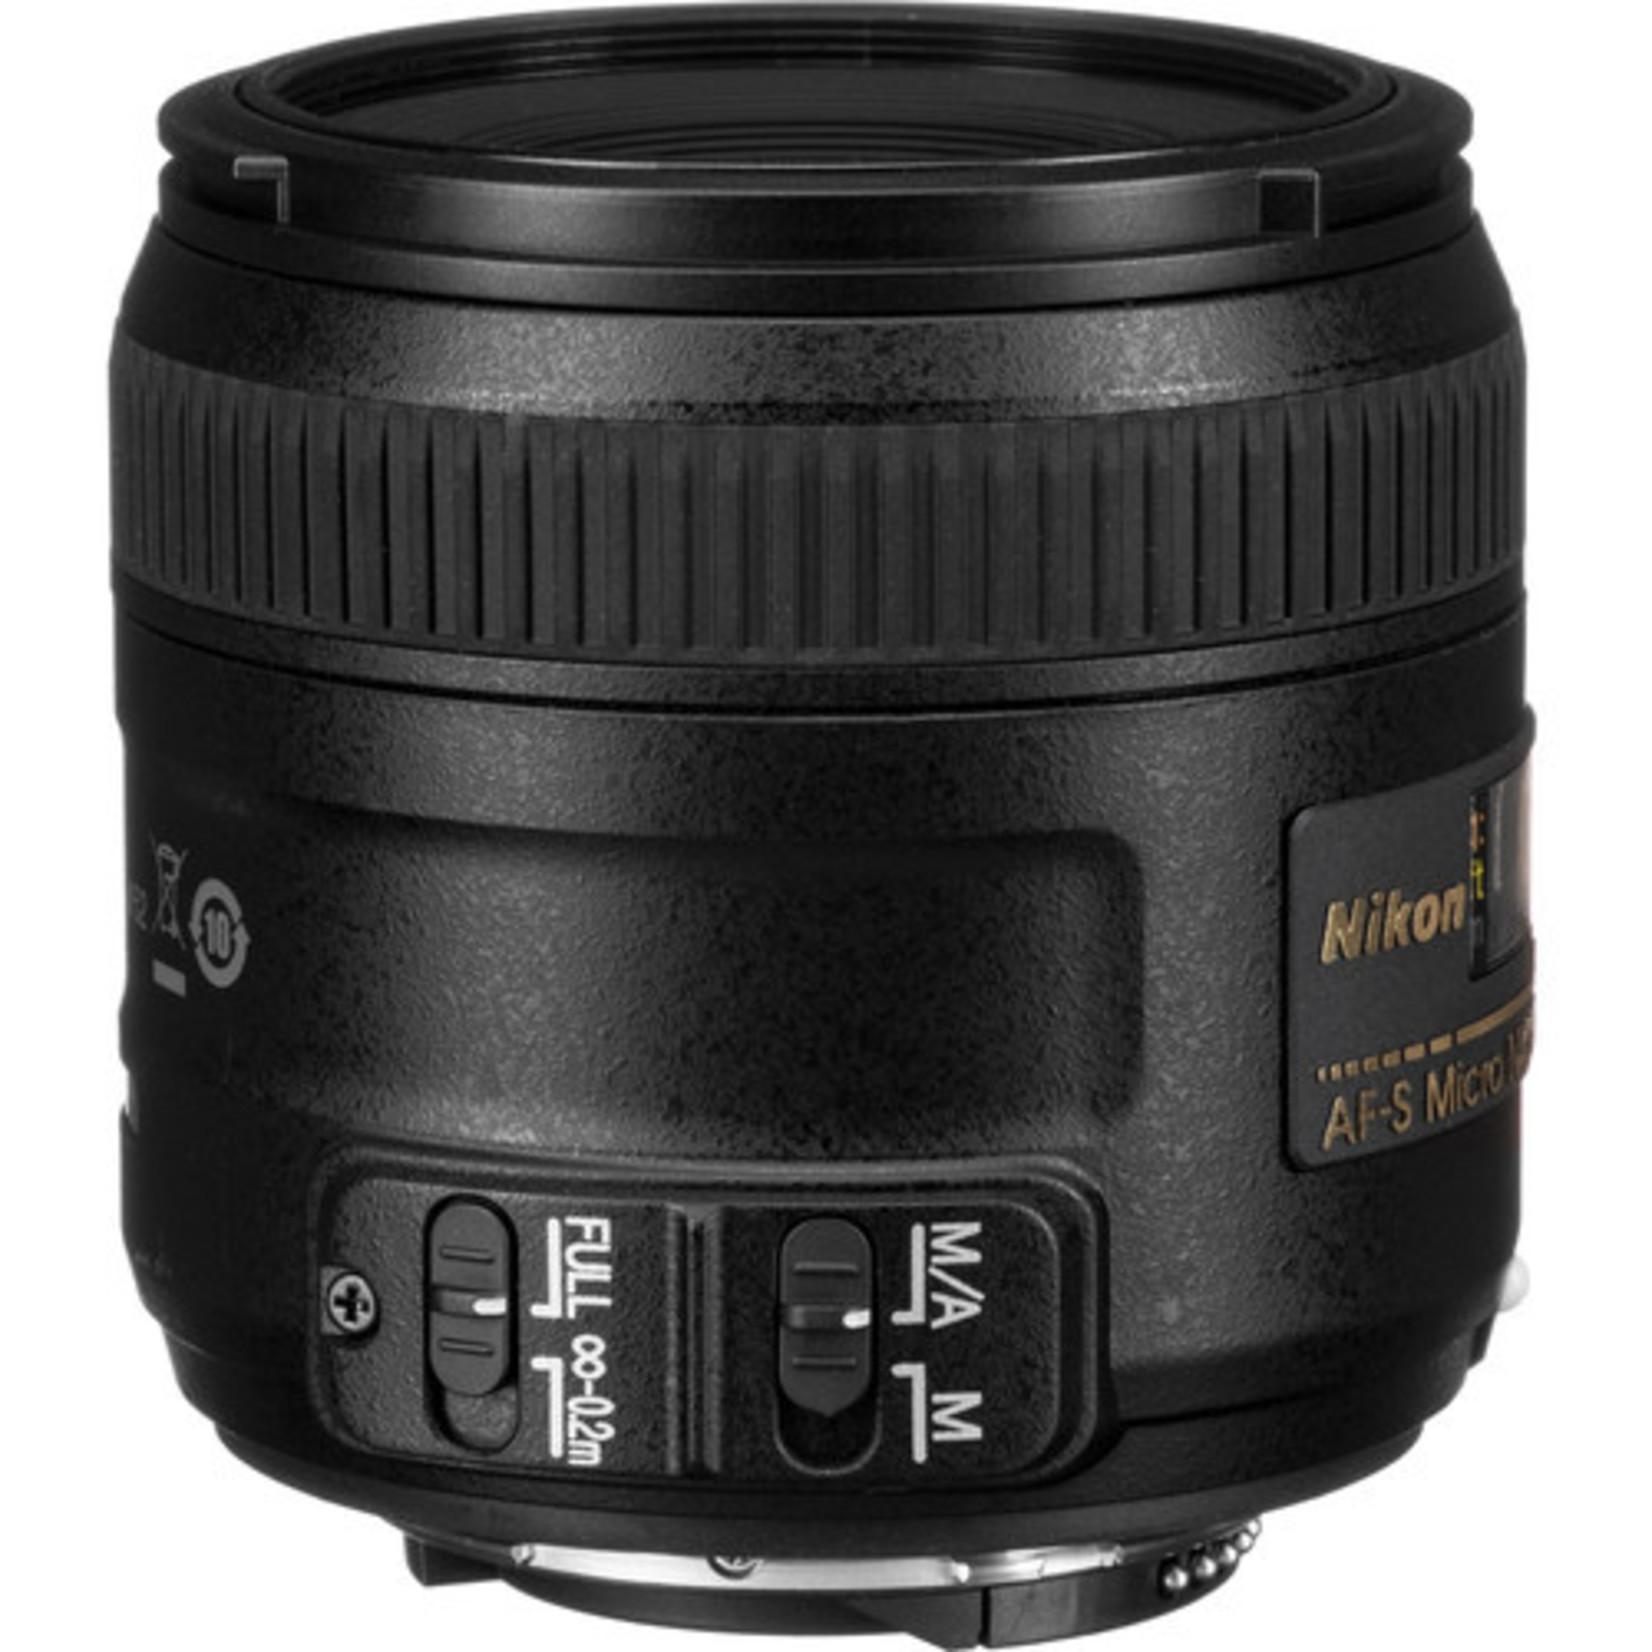 Nikon Nikon AF-S DX Micro NIKKOR 40mm f/2.8G Lens